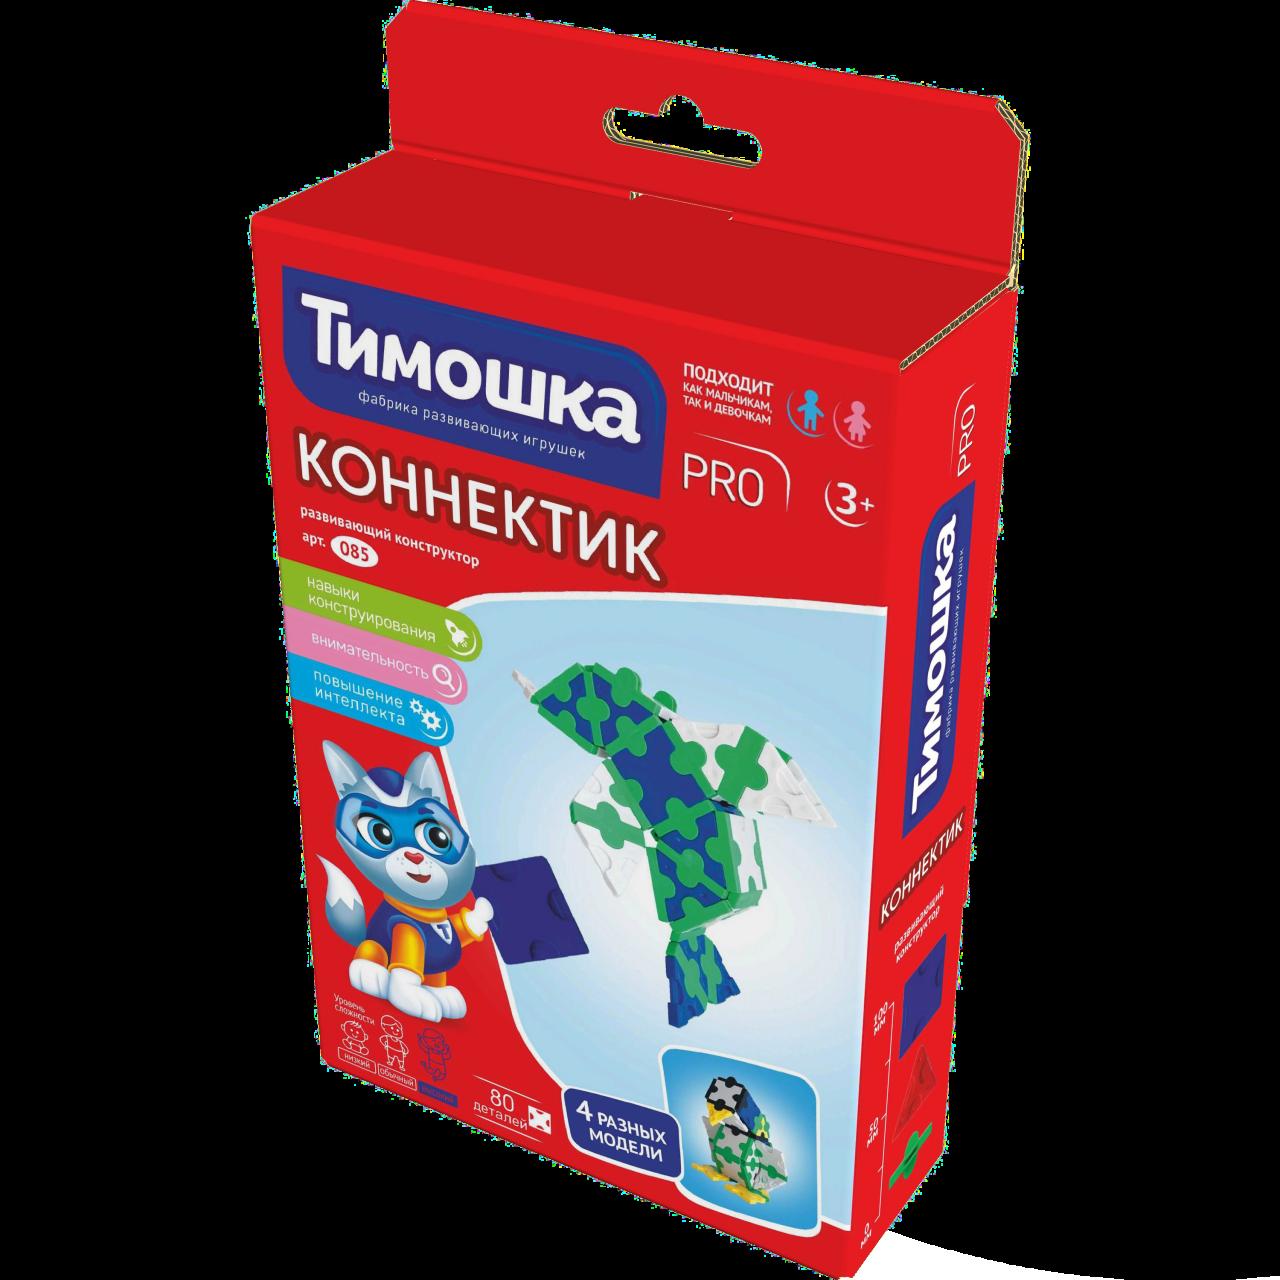 Конструктор ТИМОШКА Коннектик 80 деталей